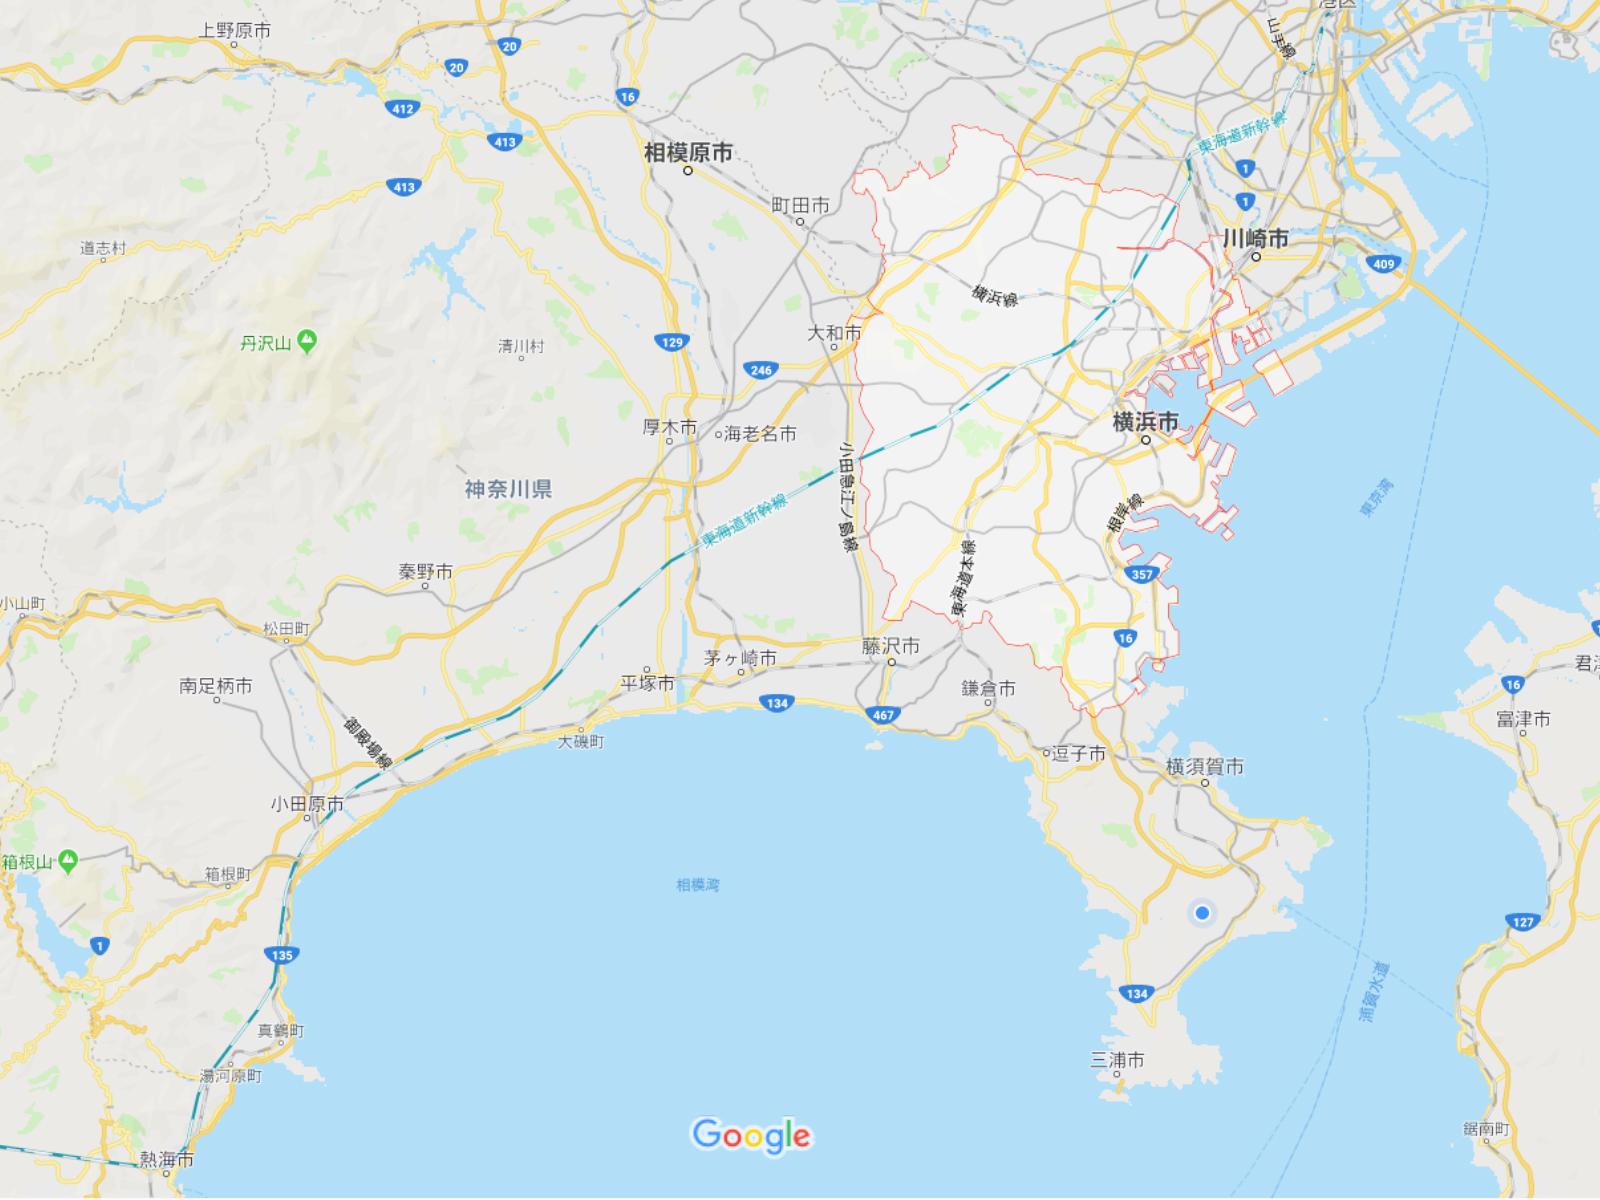 横浜や湘南はどんな環境?